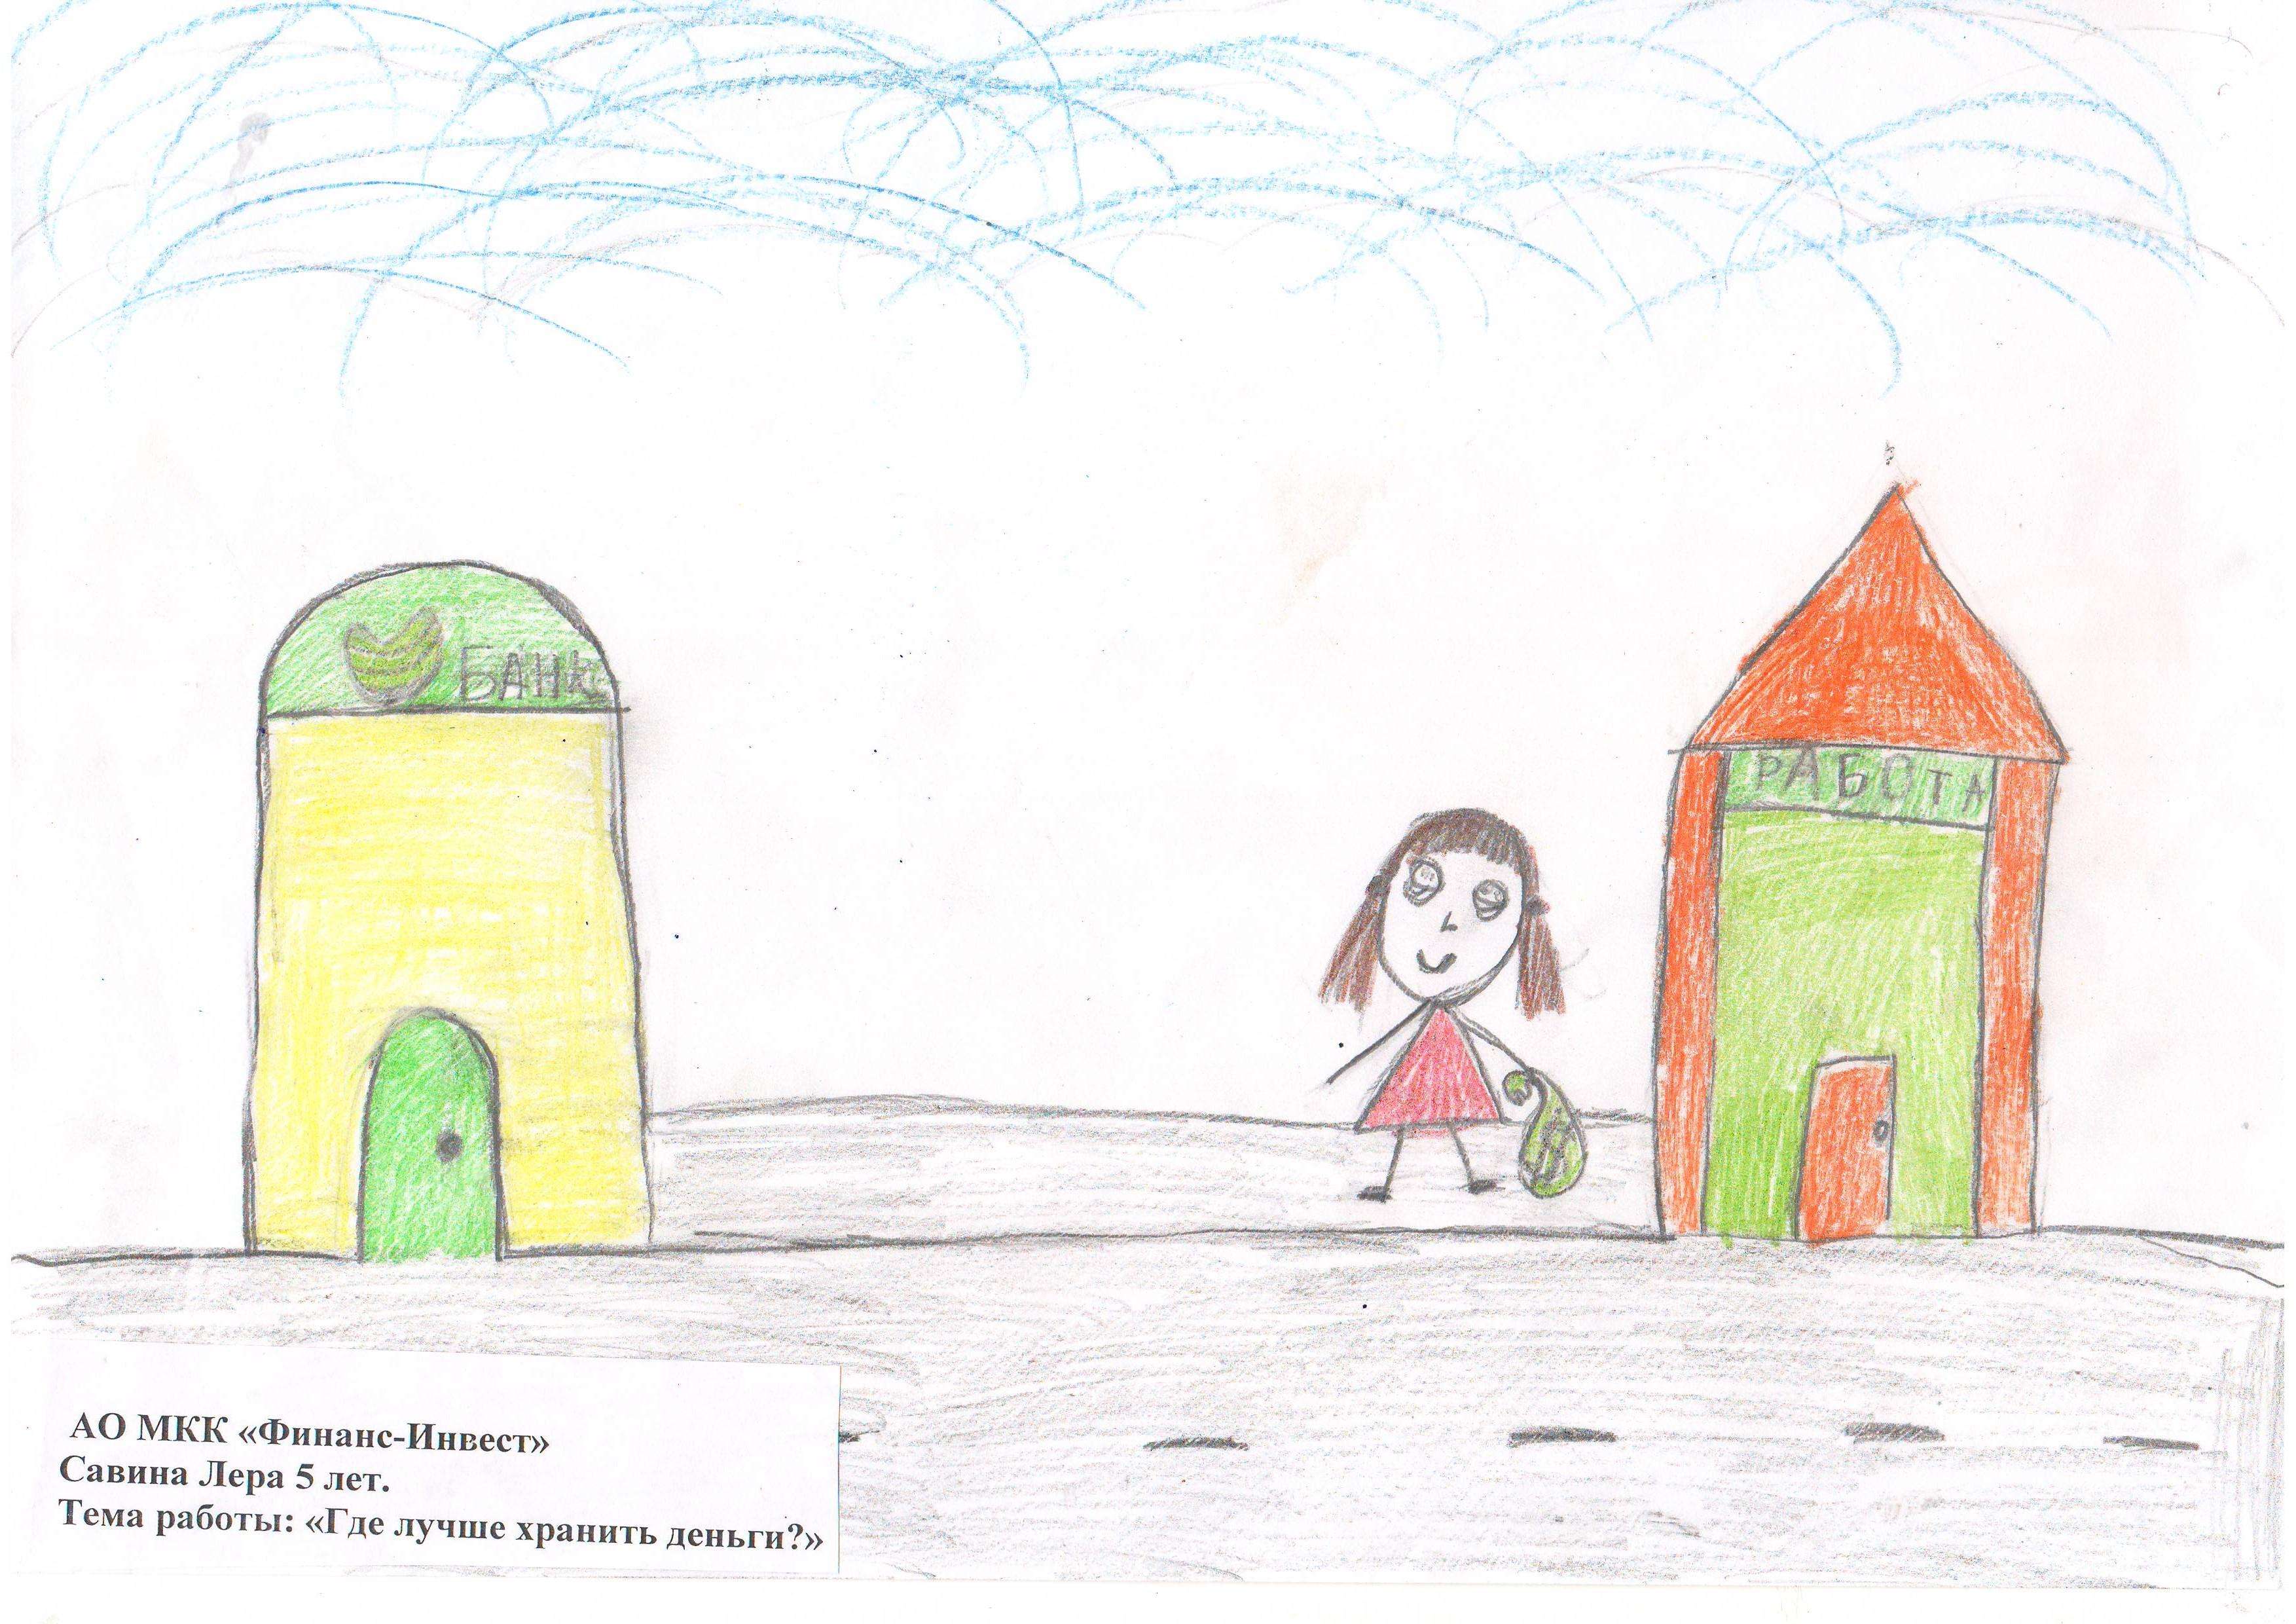 Савина Лера 5 лет